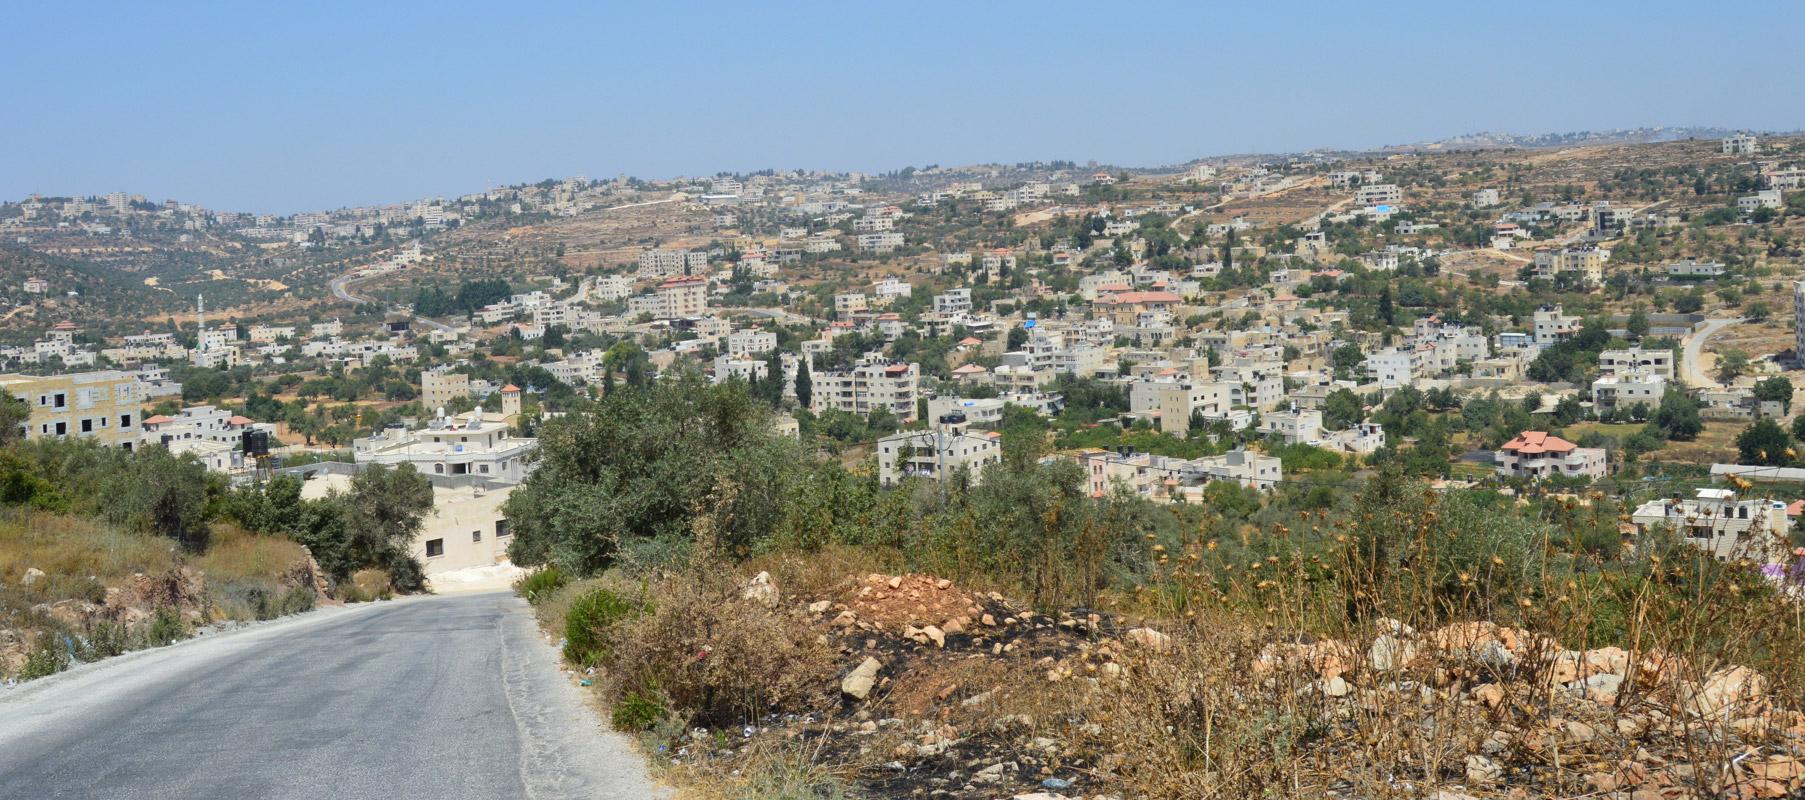 Jifna Palestine